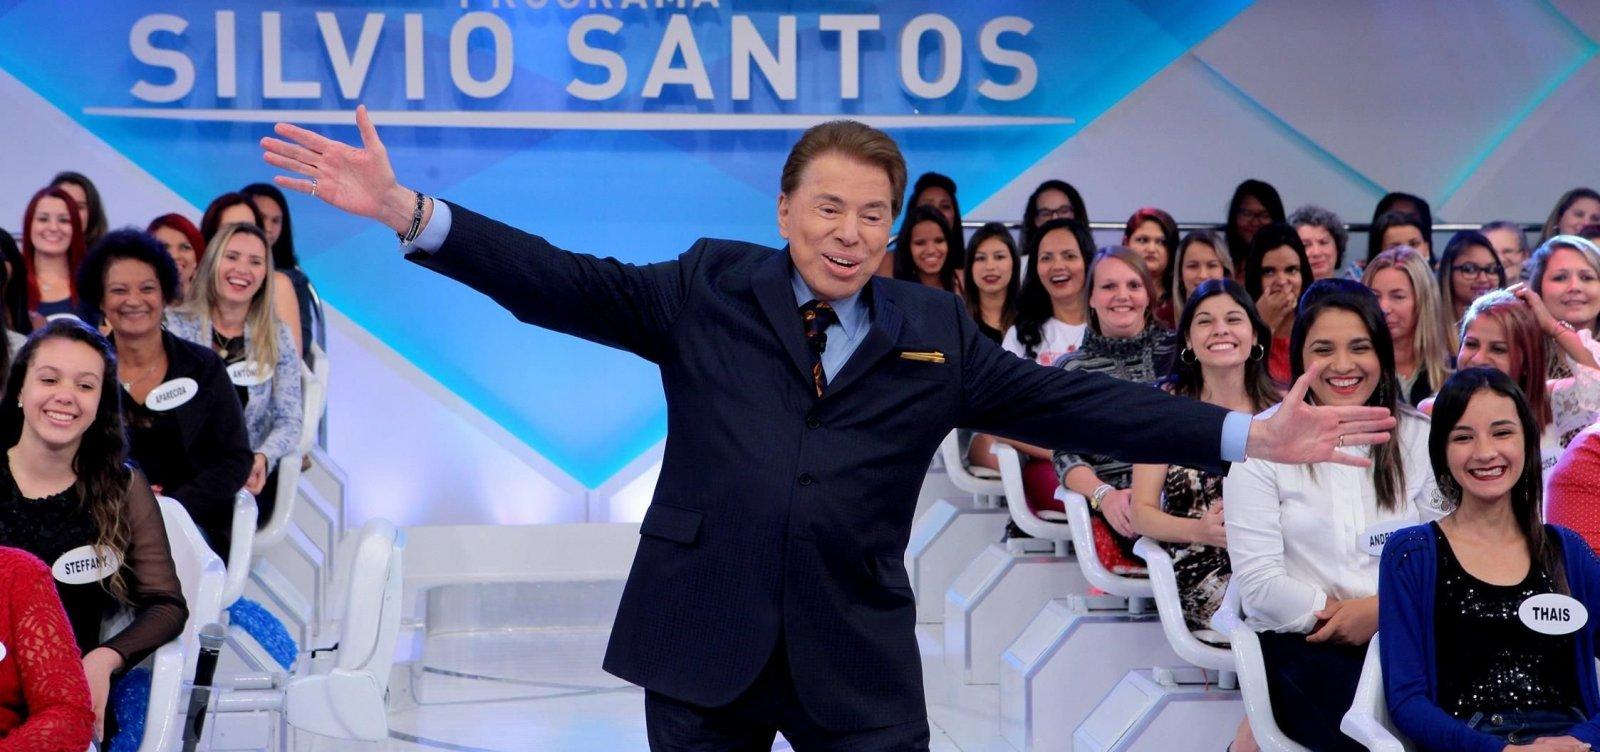 ['Brasil: ame-o ou deixe-o' foi um equívoco, admite SBT]